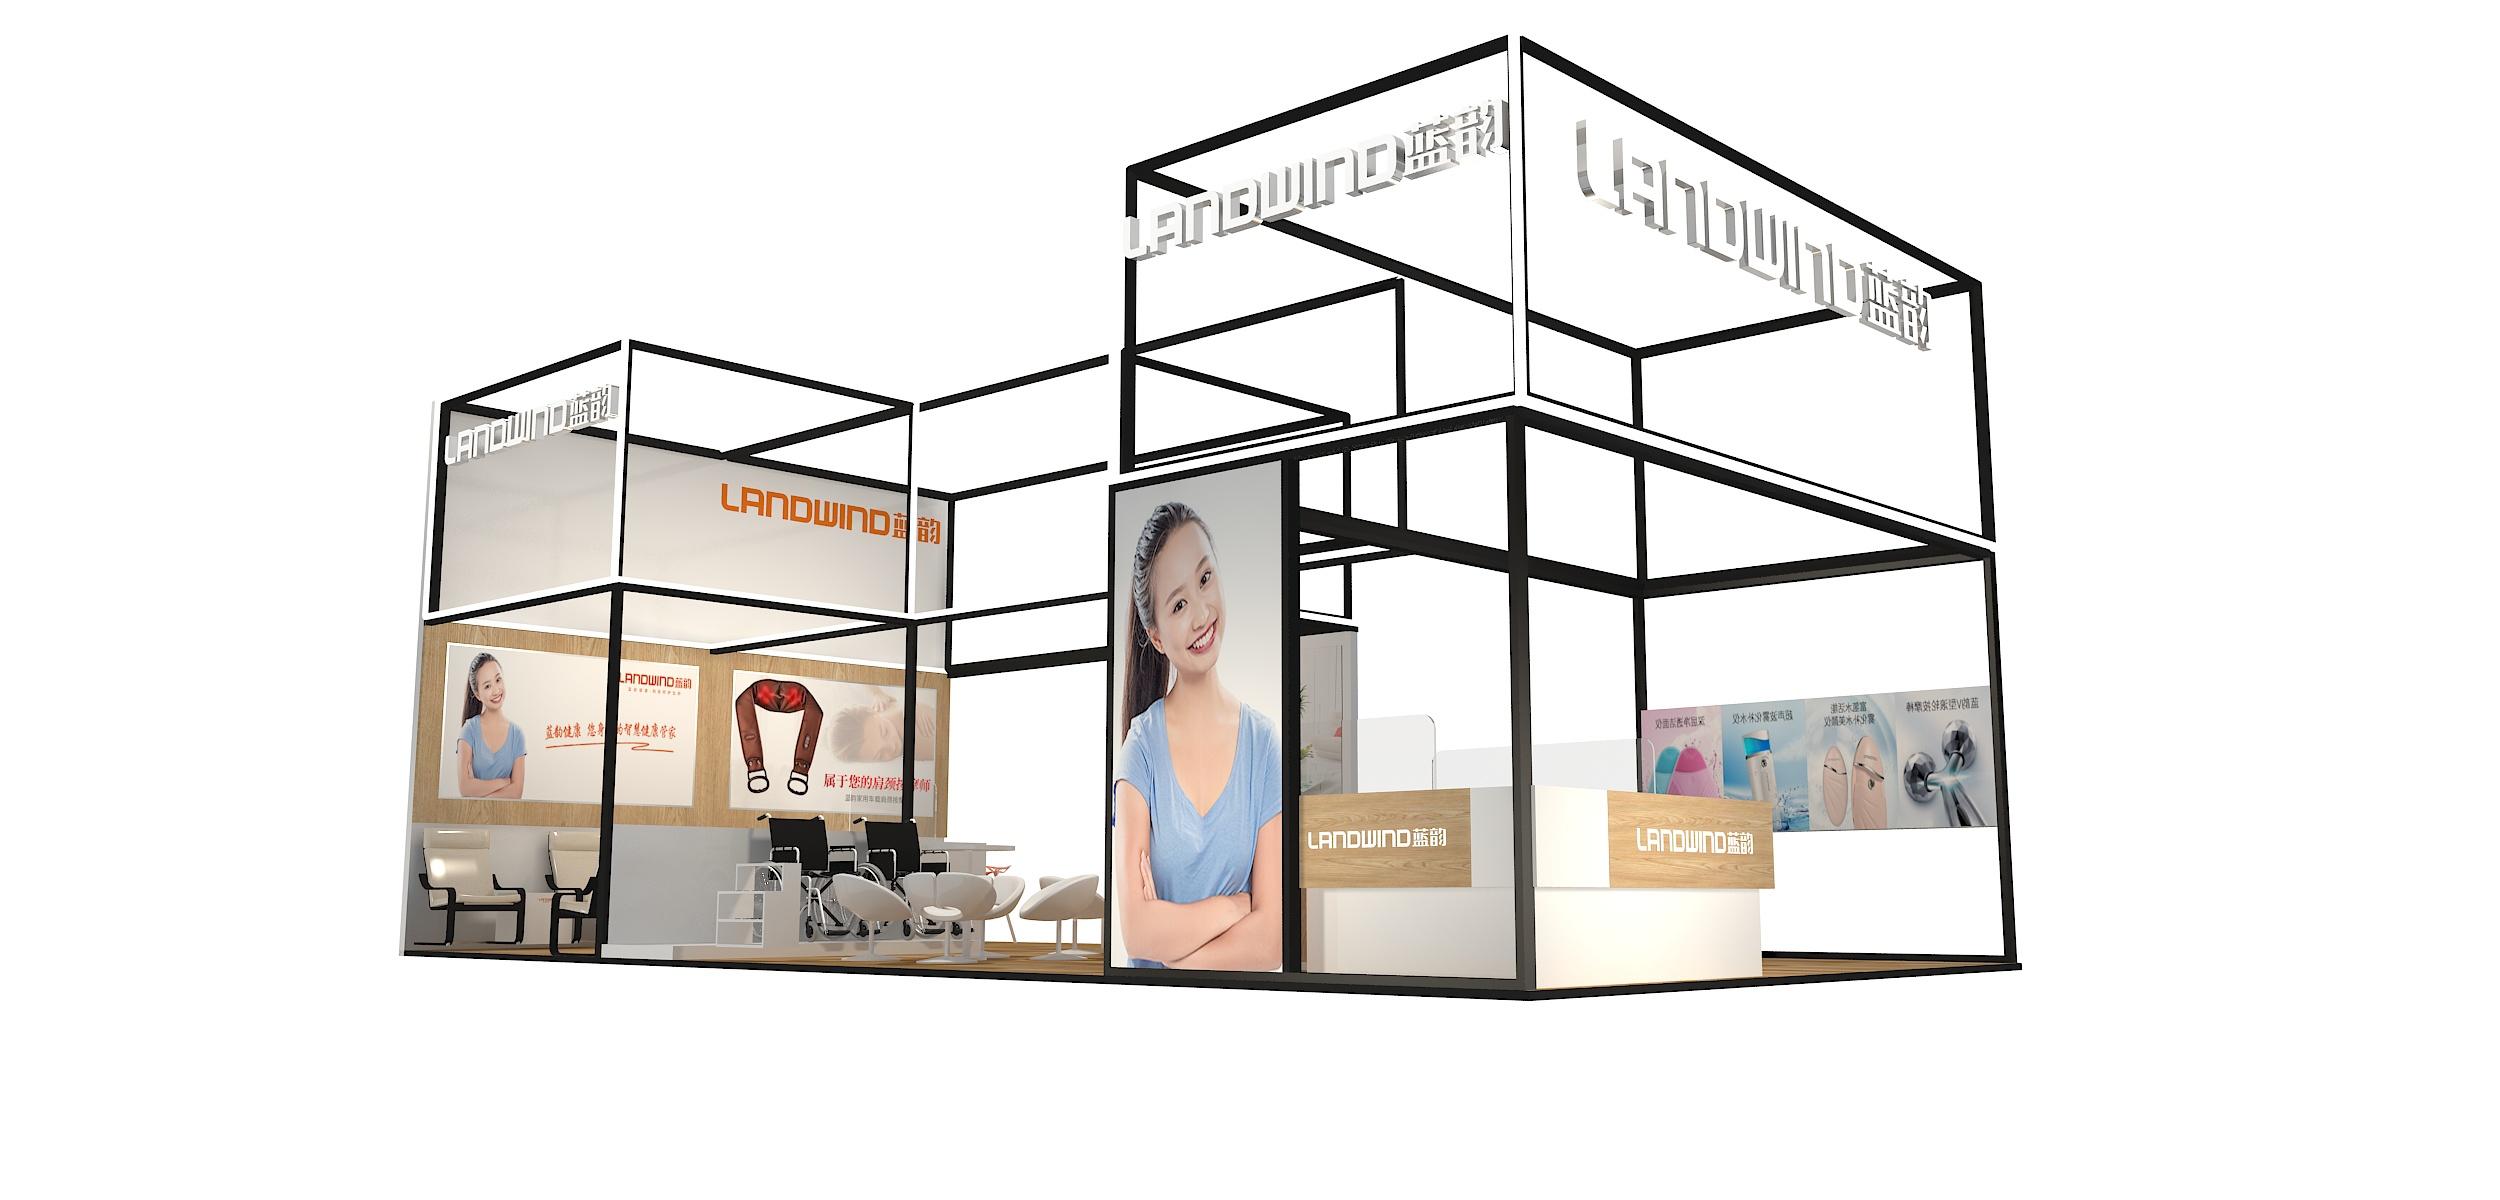 如何突出展厅搭建的设计思路